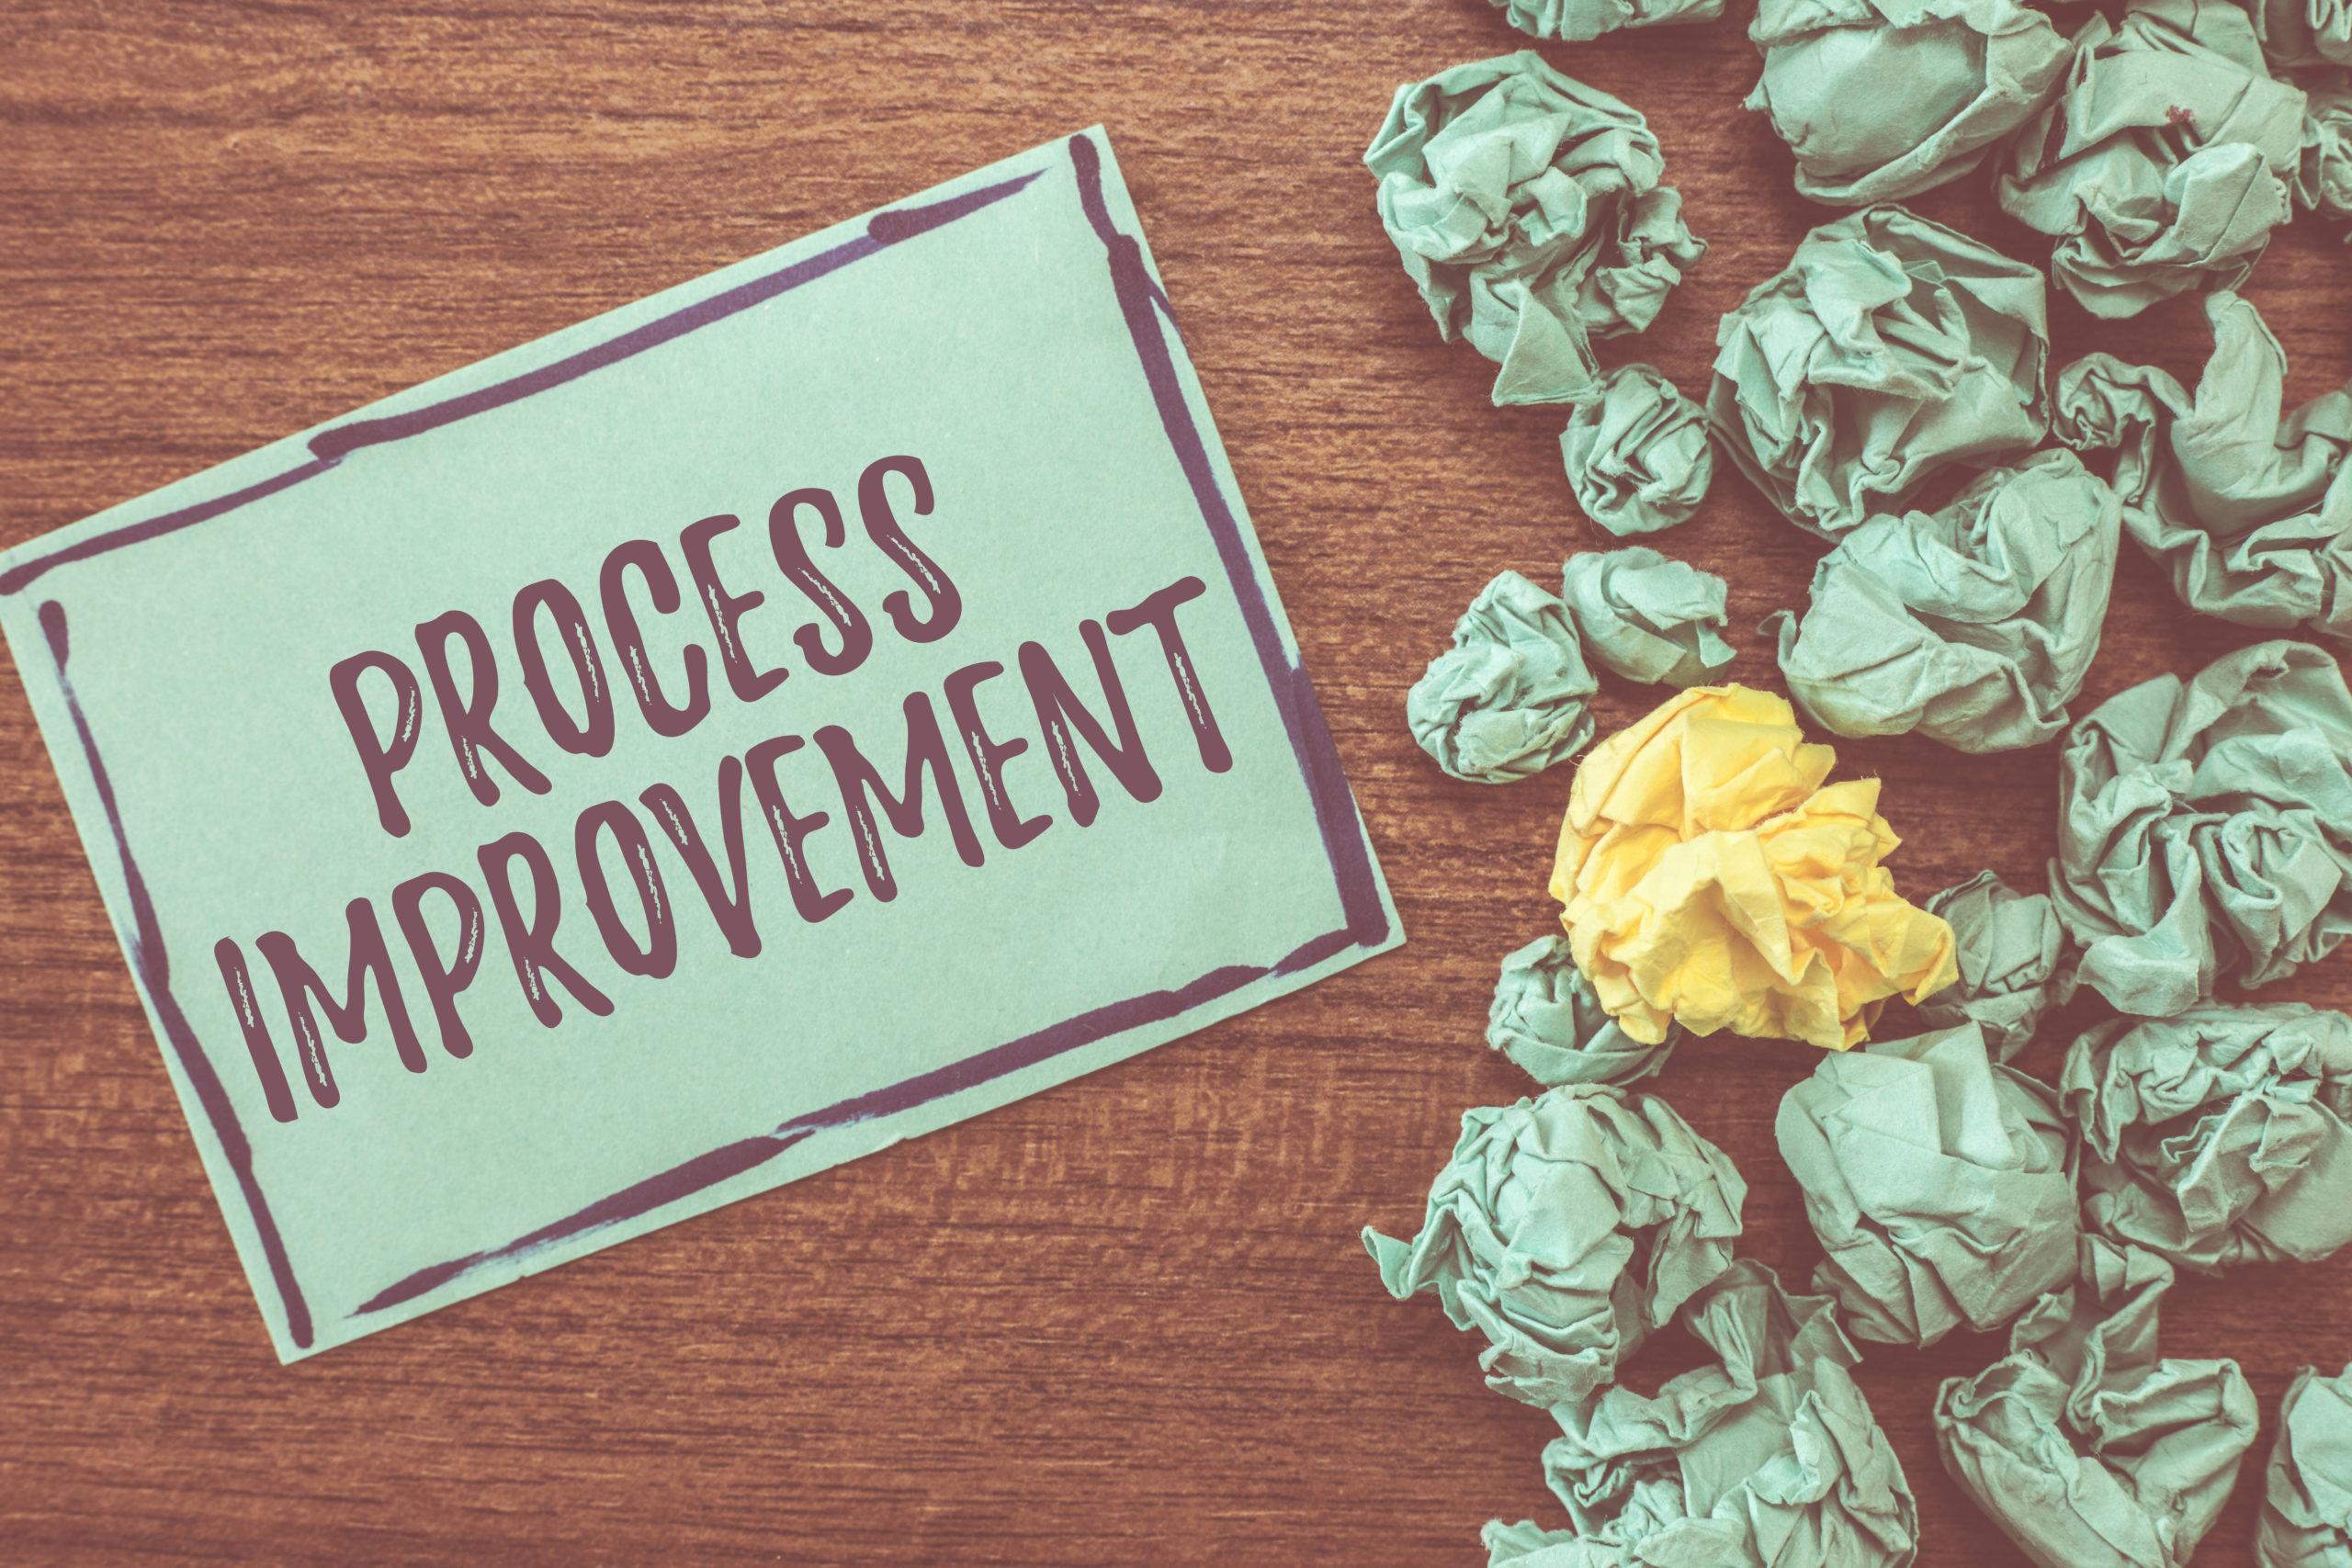 Programma di trasformazione dei processi di produzione